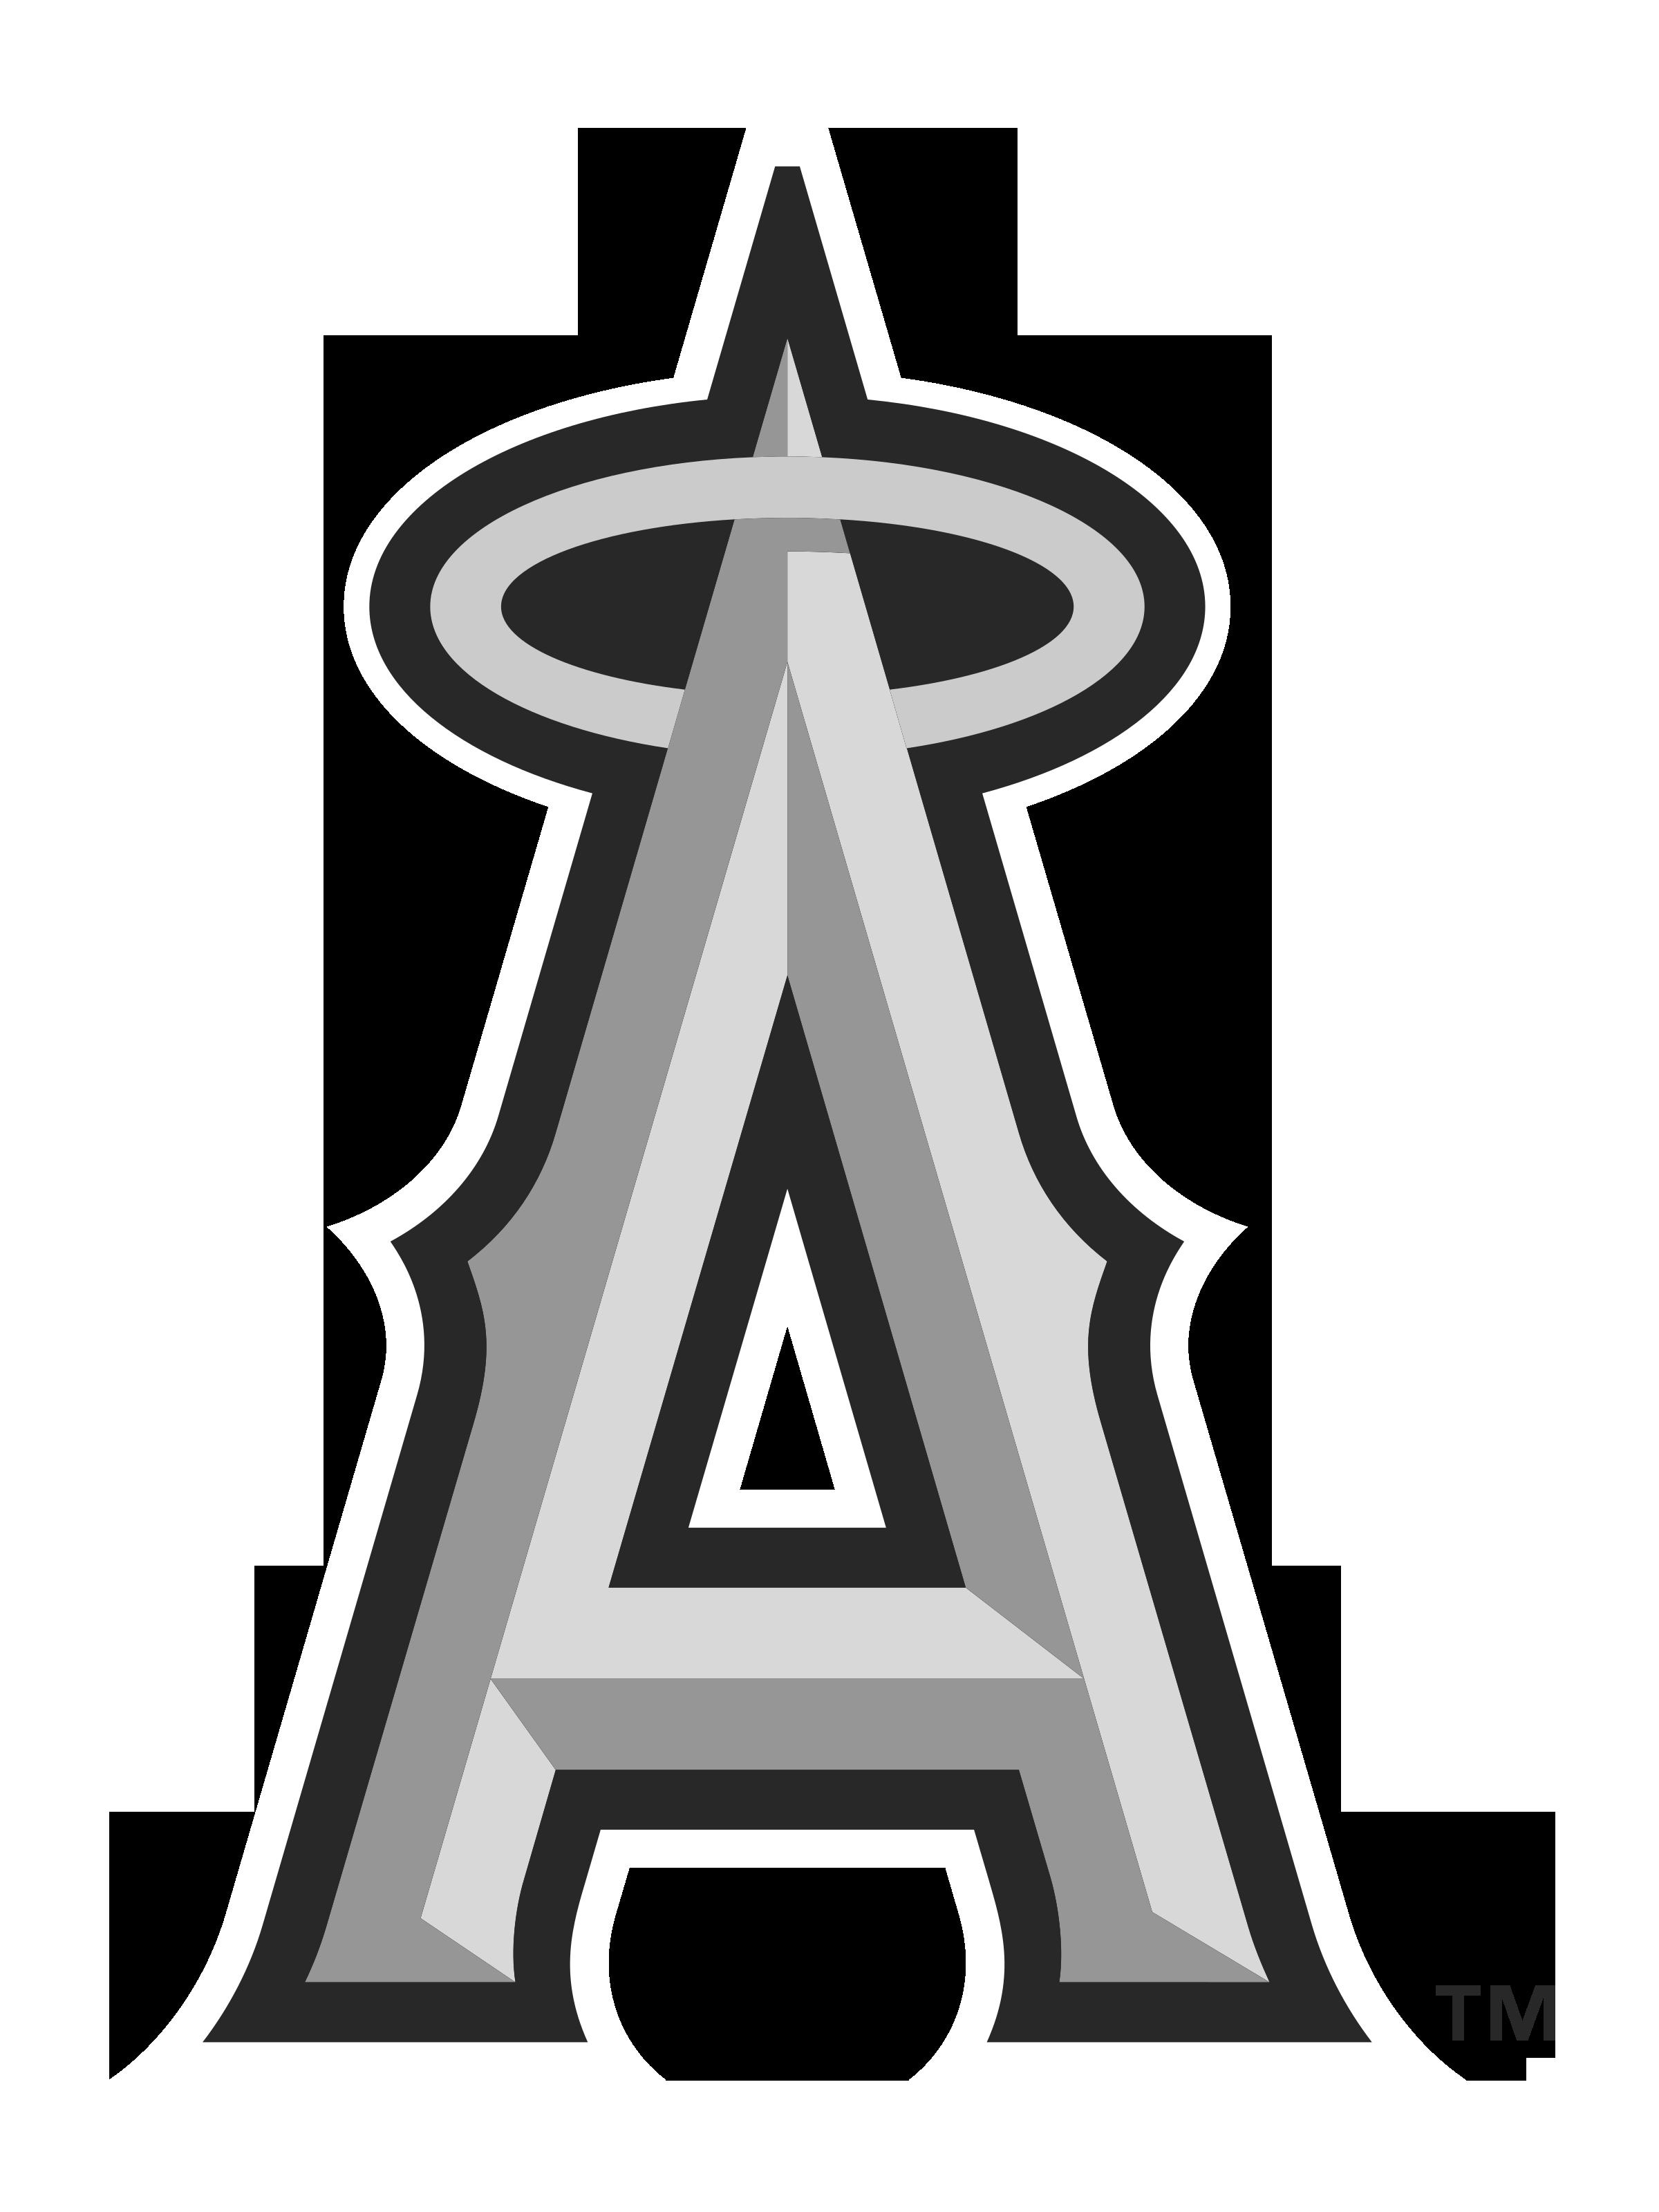 los angeles angels logo png transparent amp svg vector